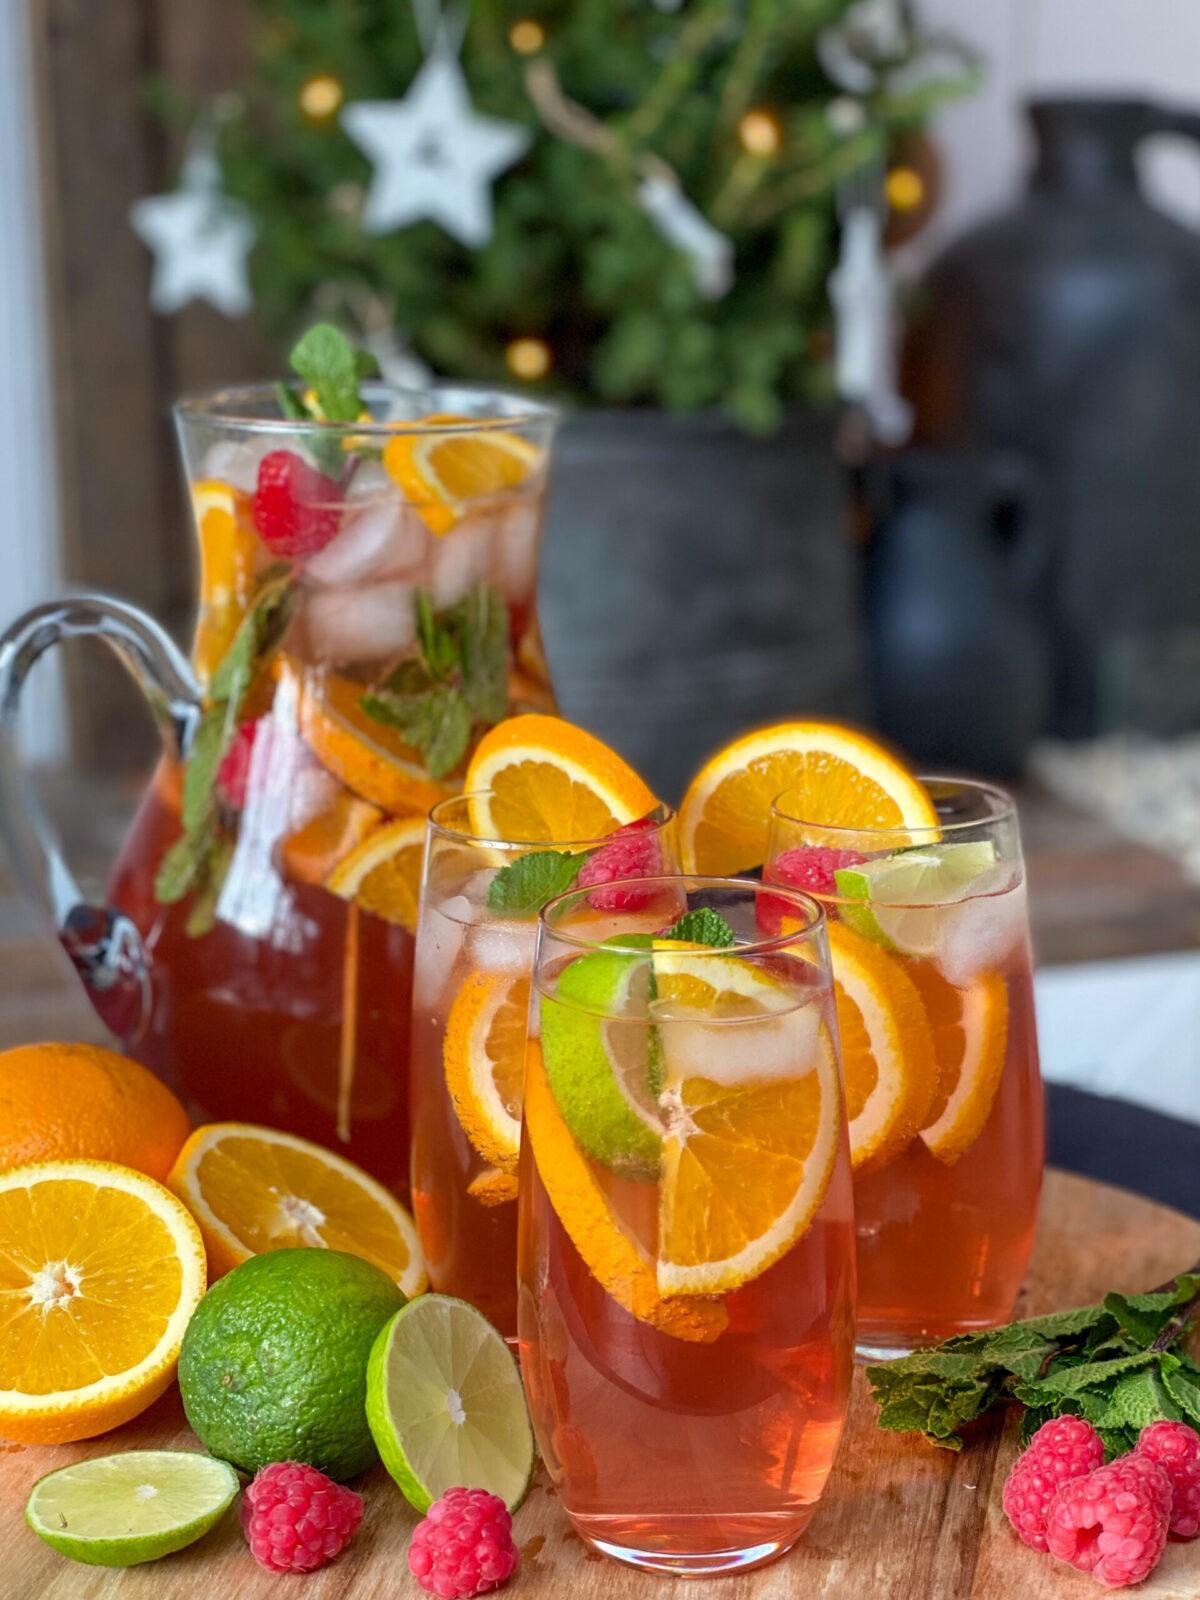 fruitpunch met vers fruit en limonadesiroop